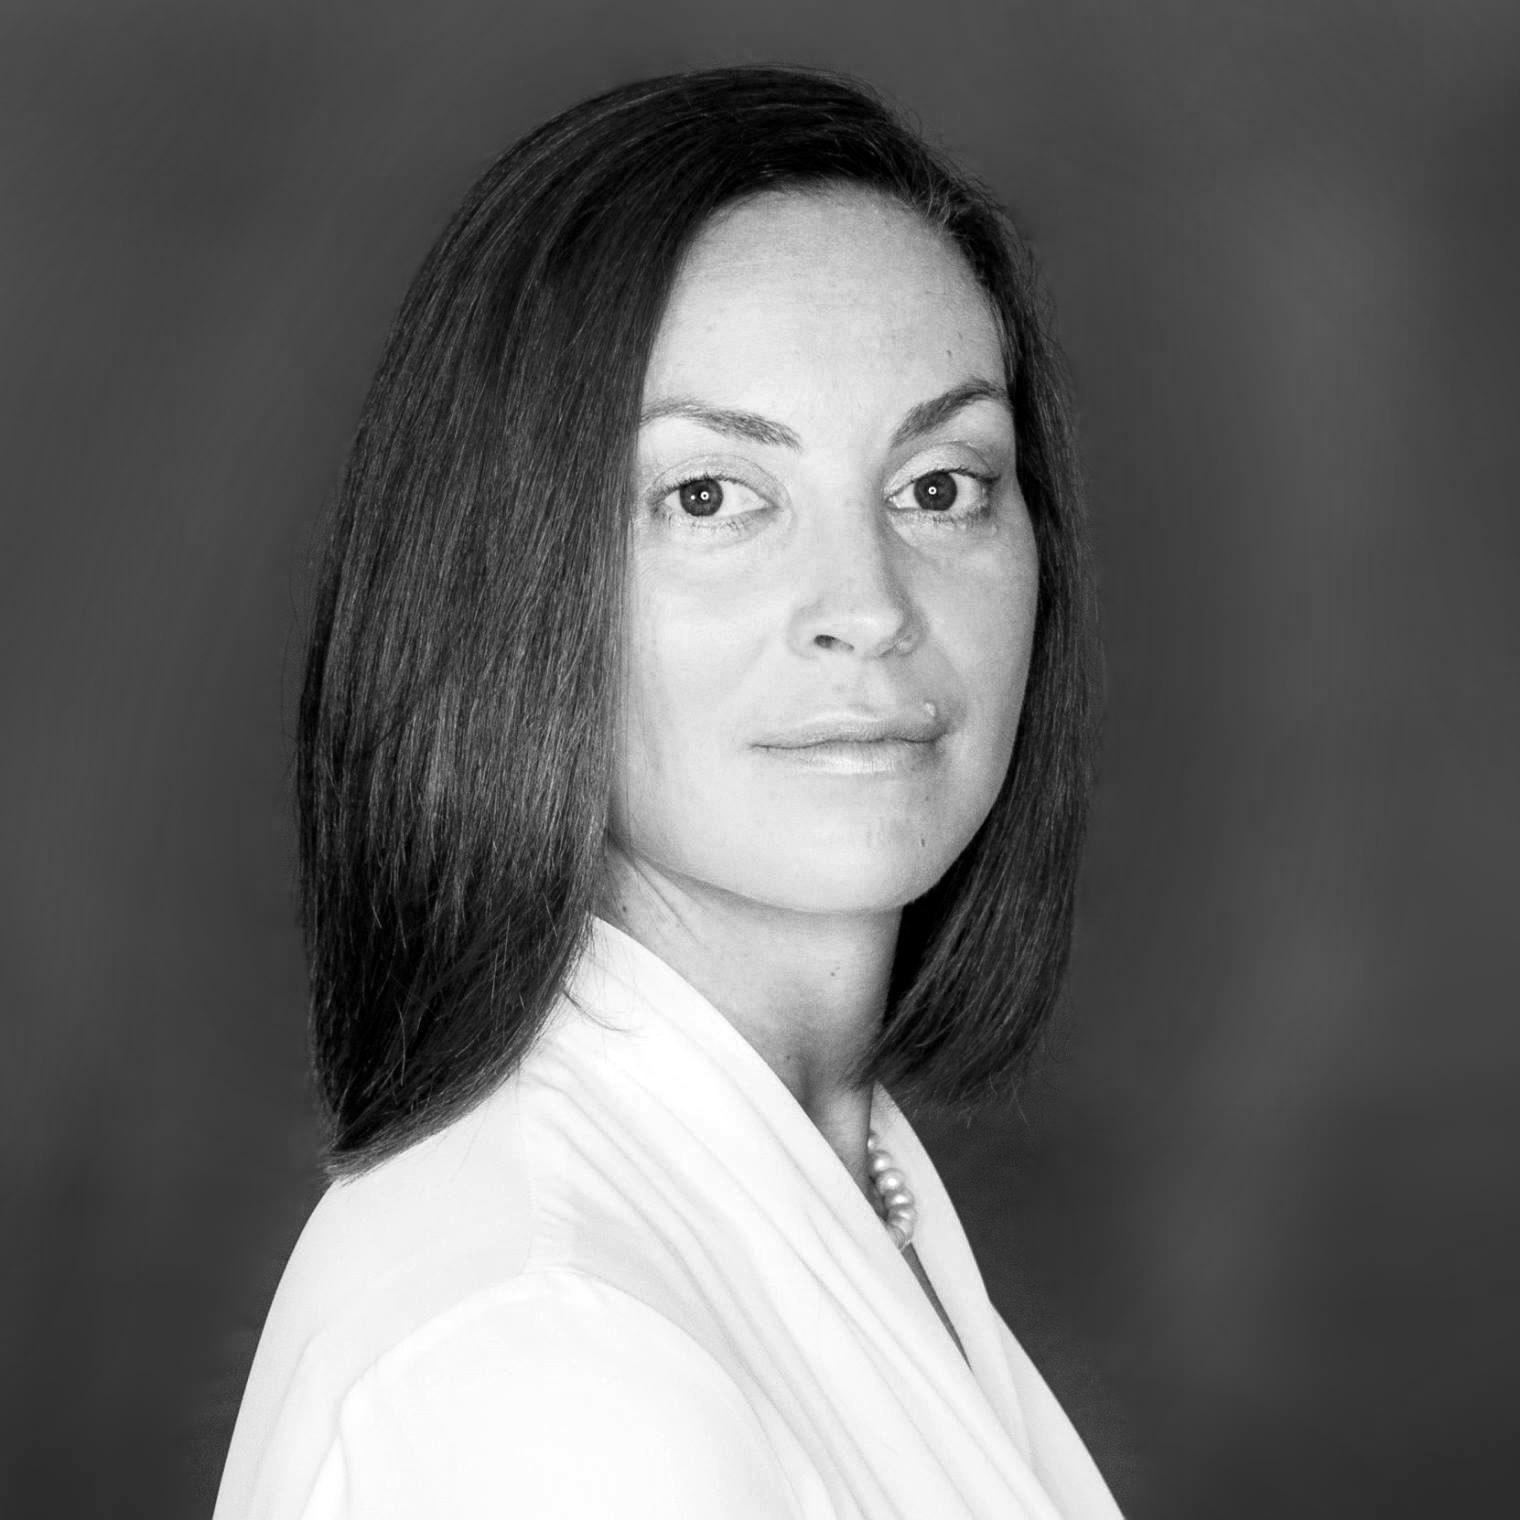 Bianca Sutherland